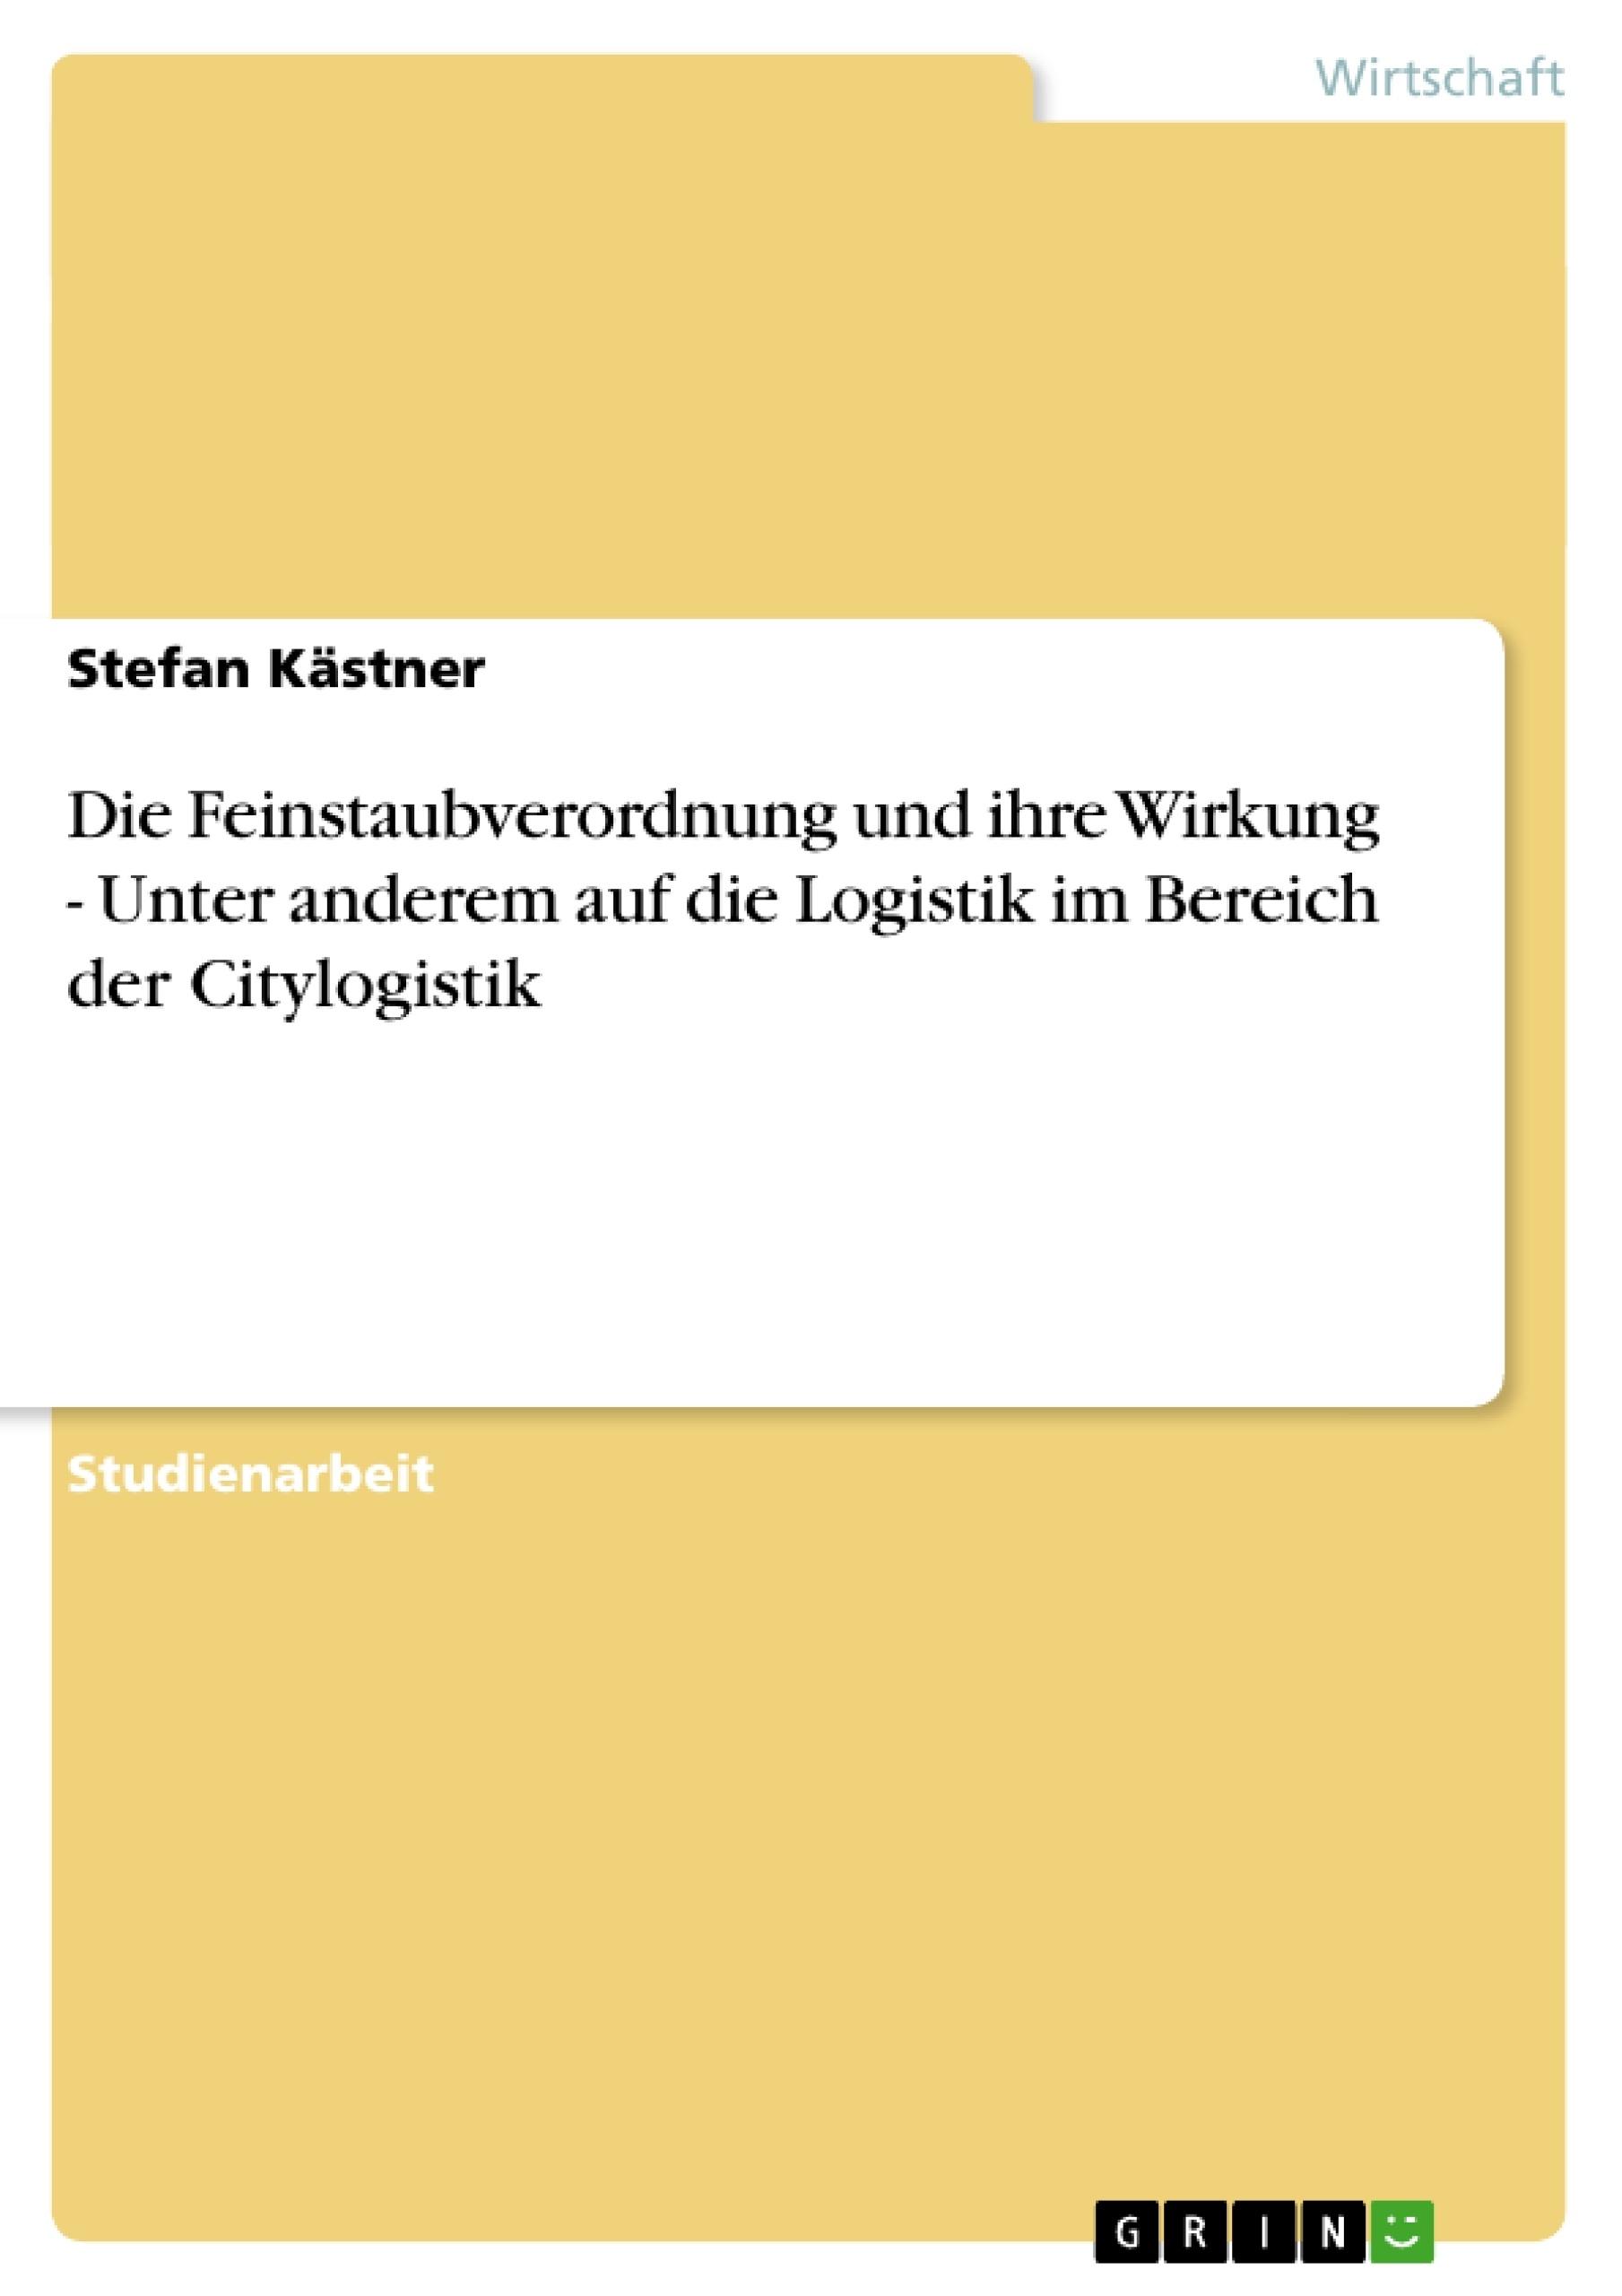 Titel: Die Feinstaubverordnung und ihre Wirkung - Unter anderem auf die Logistik im Bereich der Citylogistik